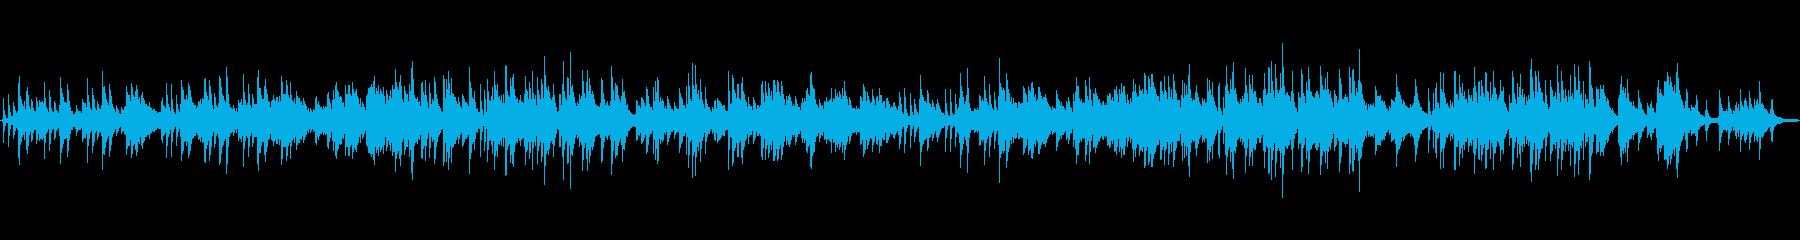 優しくせつないドラマティックなピアノソロの再生済みの波形